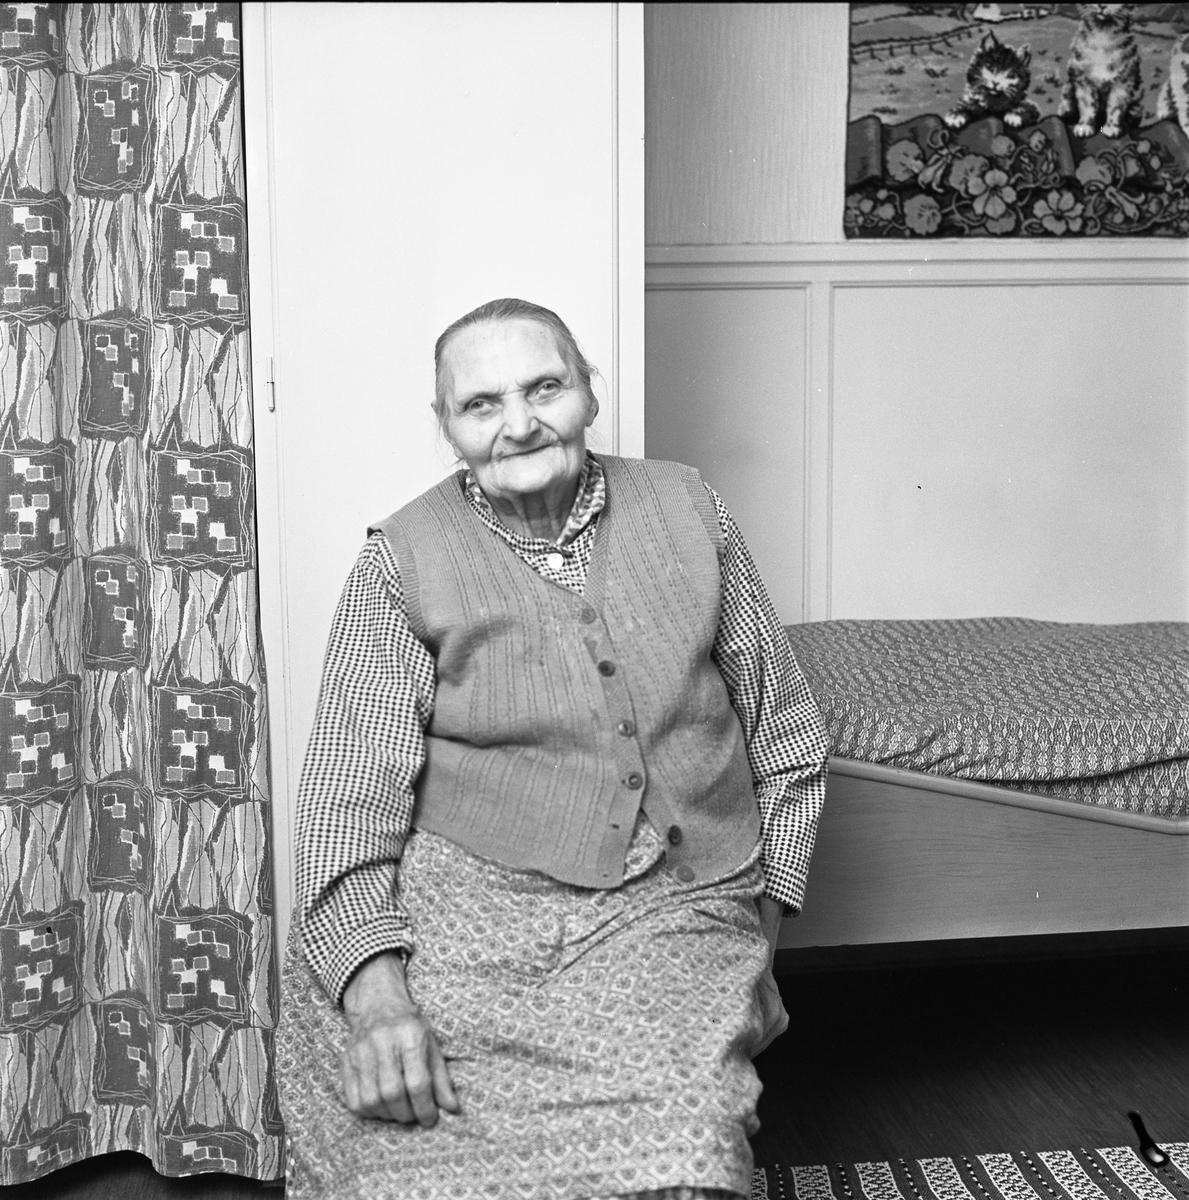 Kvinna, 90 år, iklädd väst och kjol. Hon sitter intill sin säng. På väggen, över sängen, hänger en bonad med katter. Till vänster, om kvinnan, hänger ett draperi.